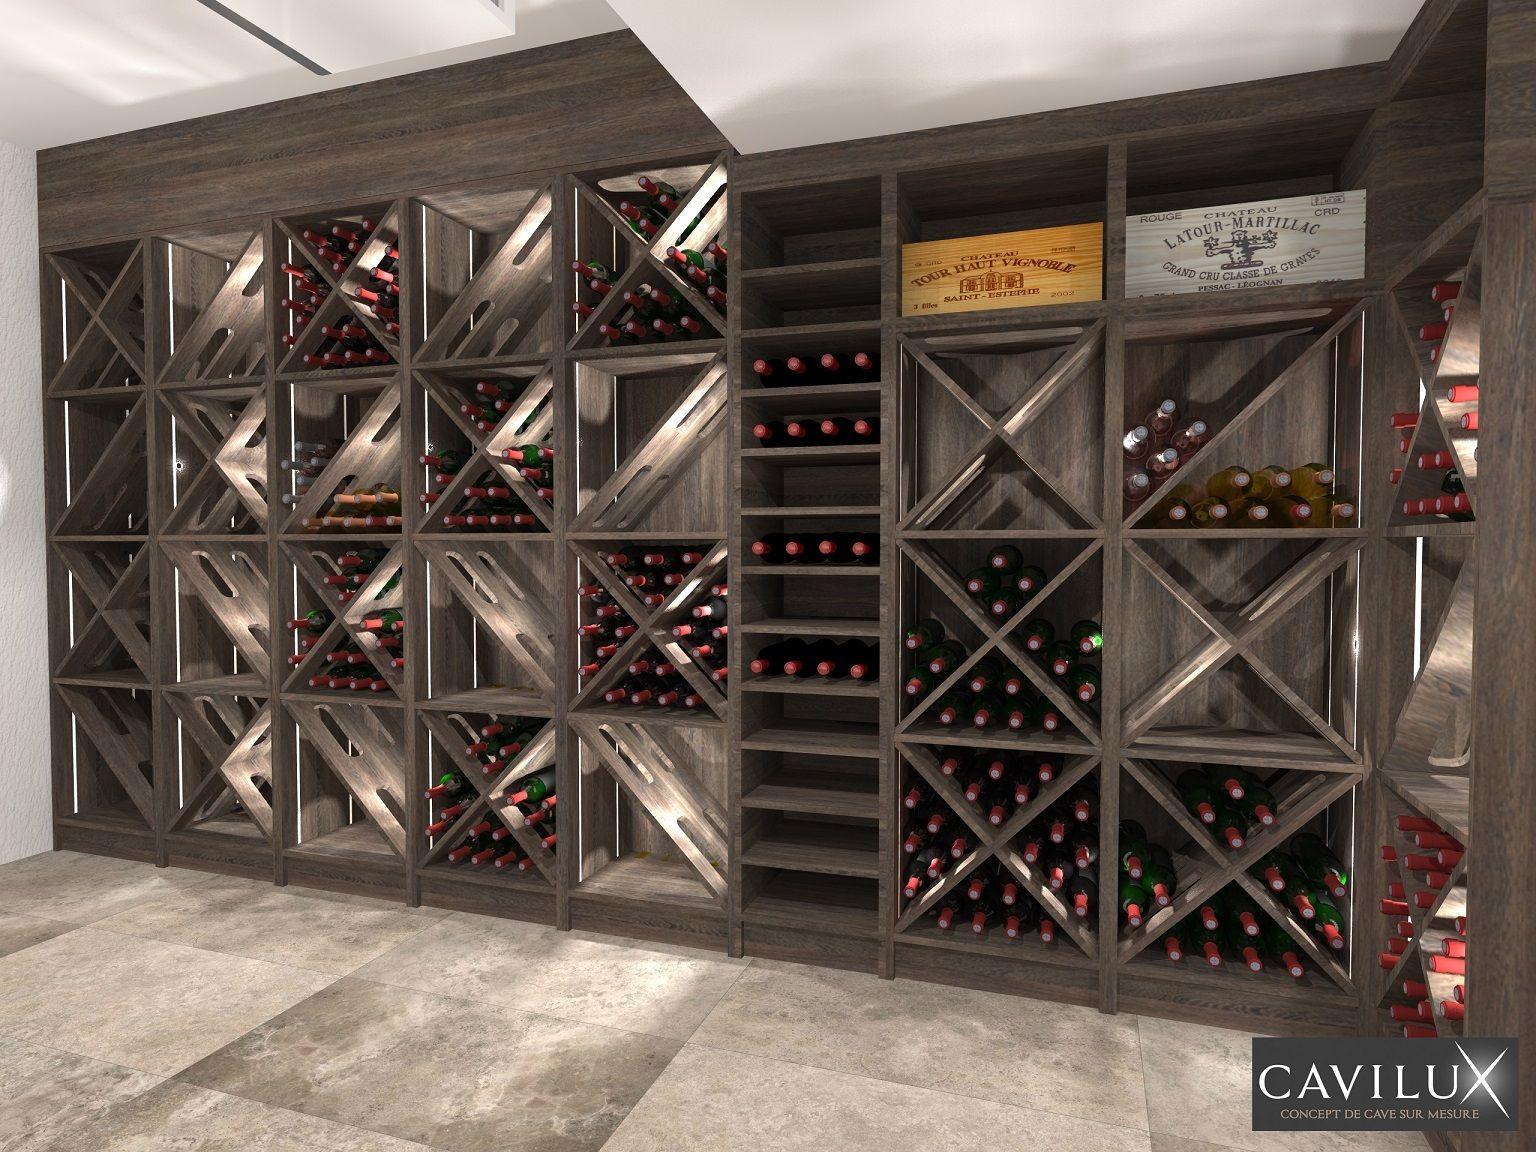 Projets 3d Cavilux Fabricant De Cave A Vin Sur Mesure